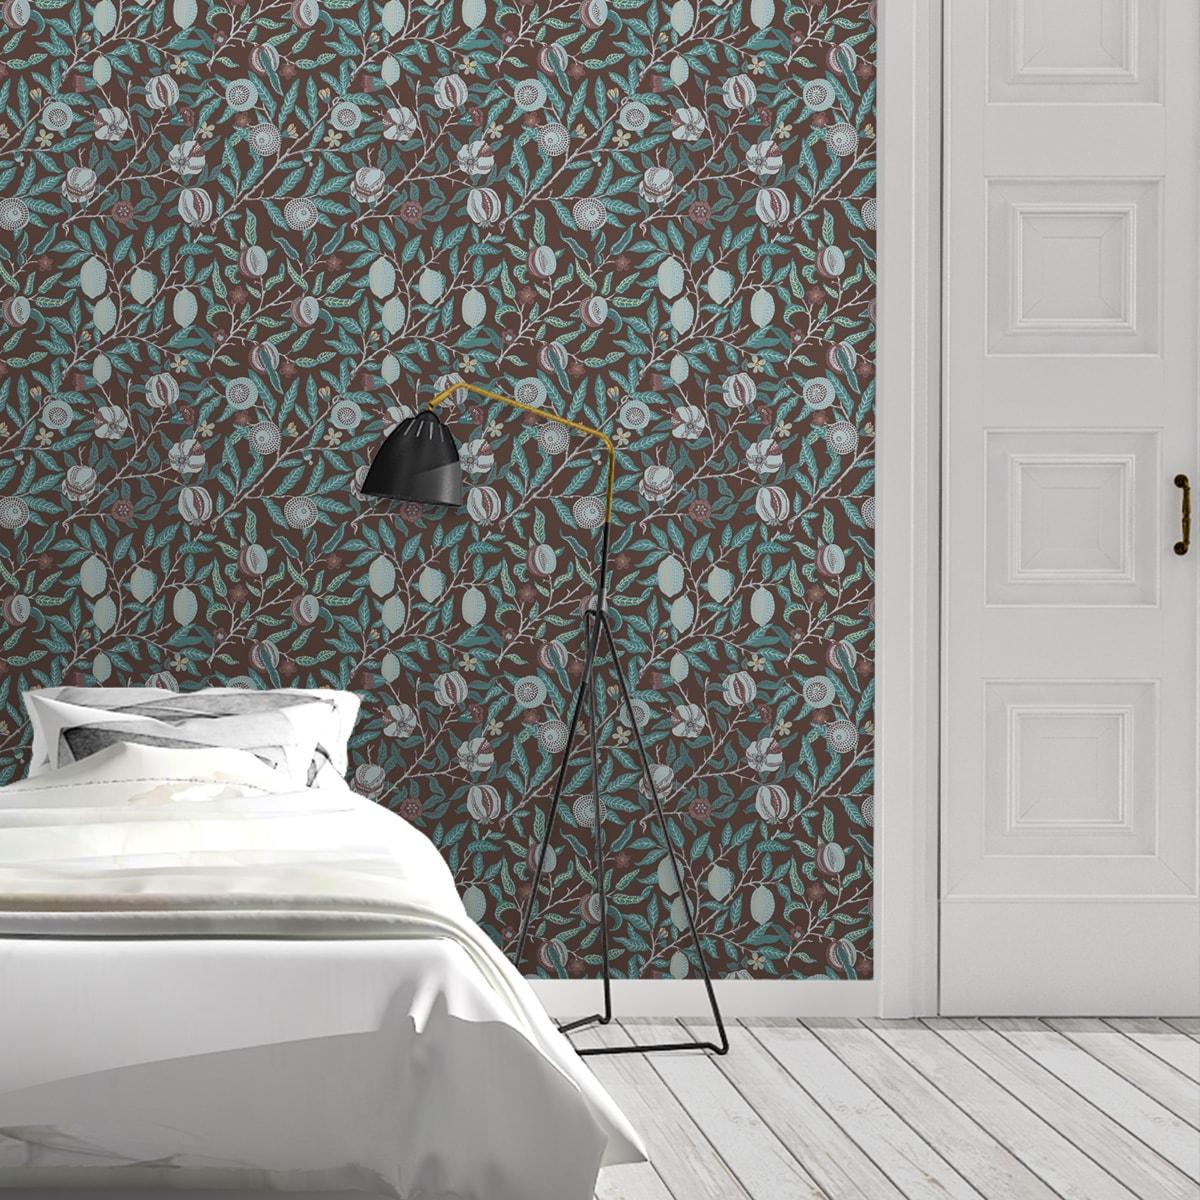 """Edle Jugendstil Tapete """"Granatapfel Baum"""" nach William Morris, braune Vlies Tapete Blumen Natur, schöne Blumentapete für Küche"""